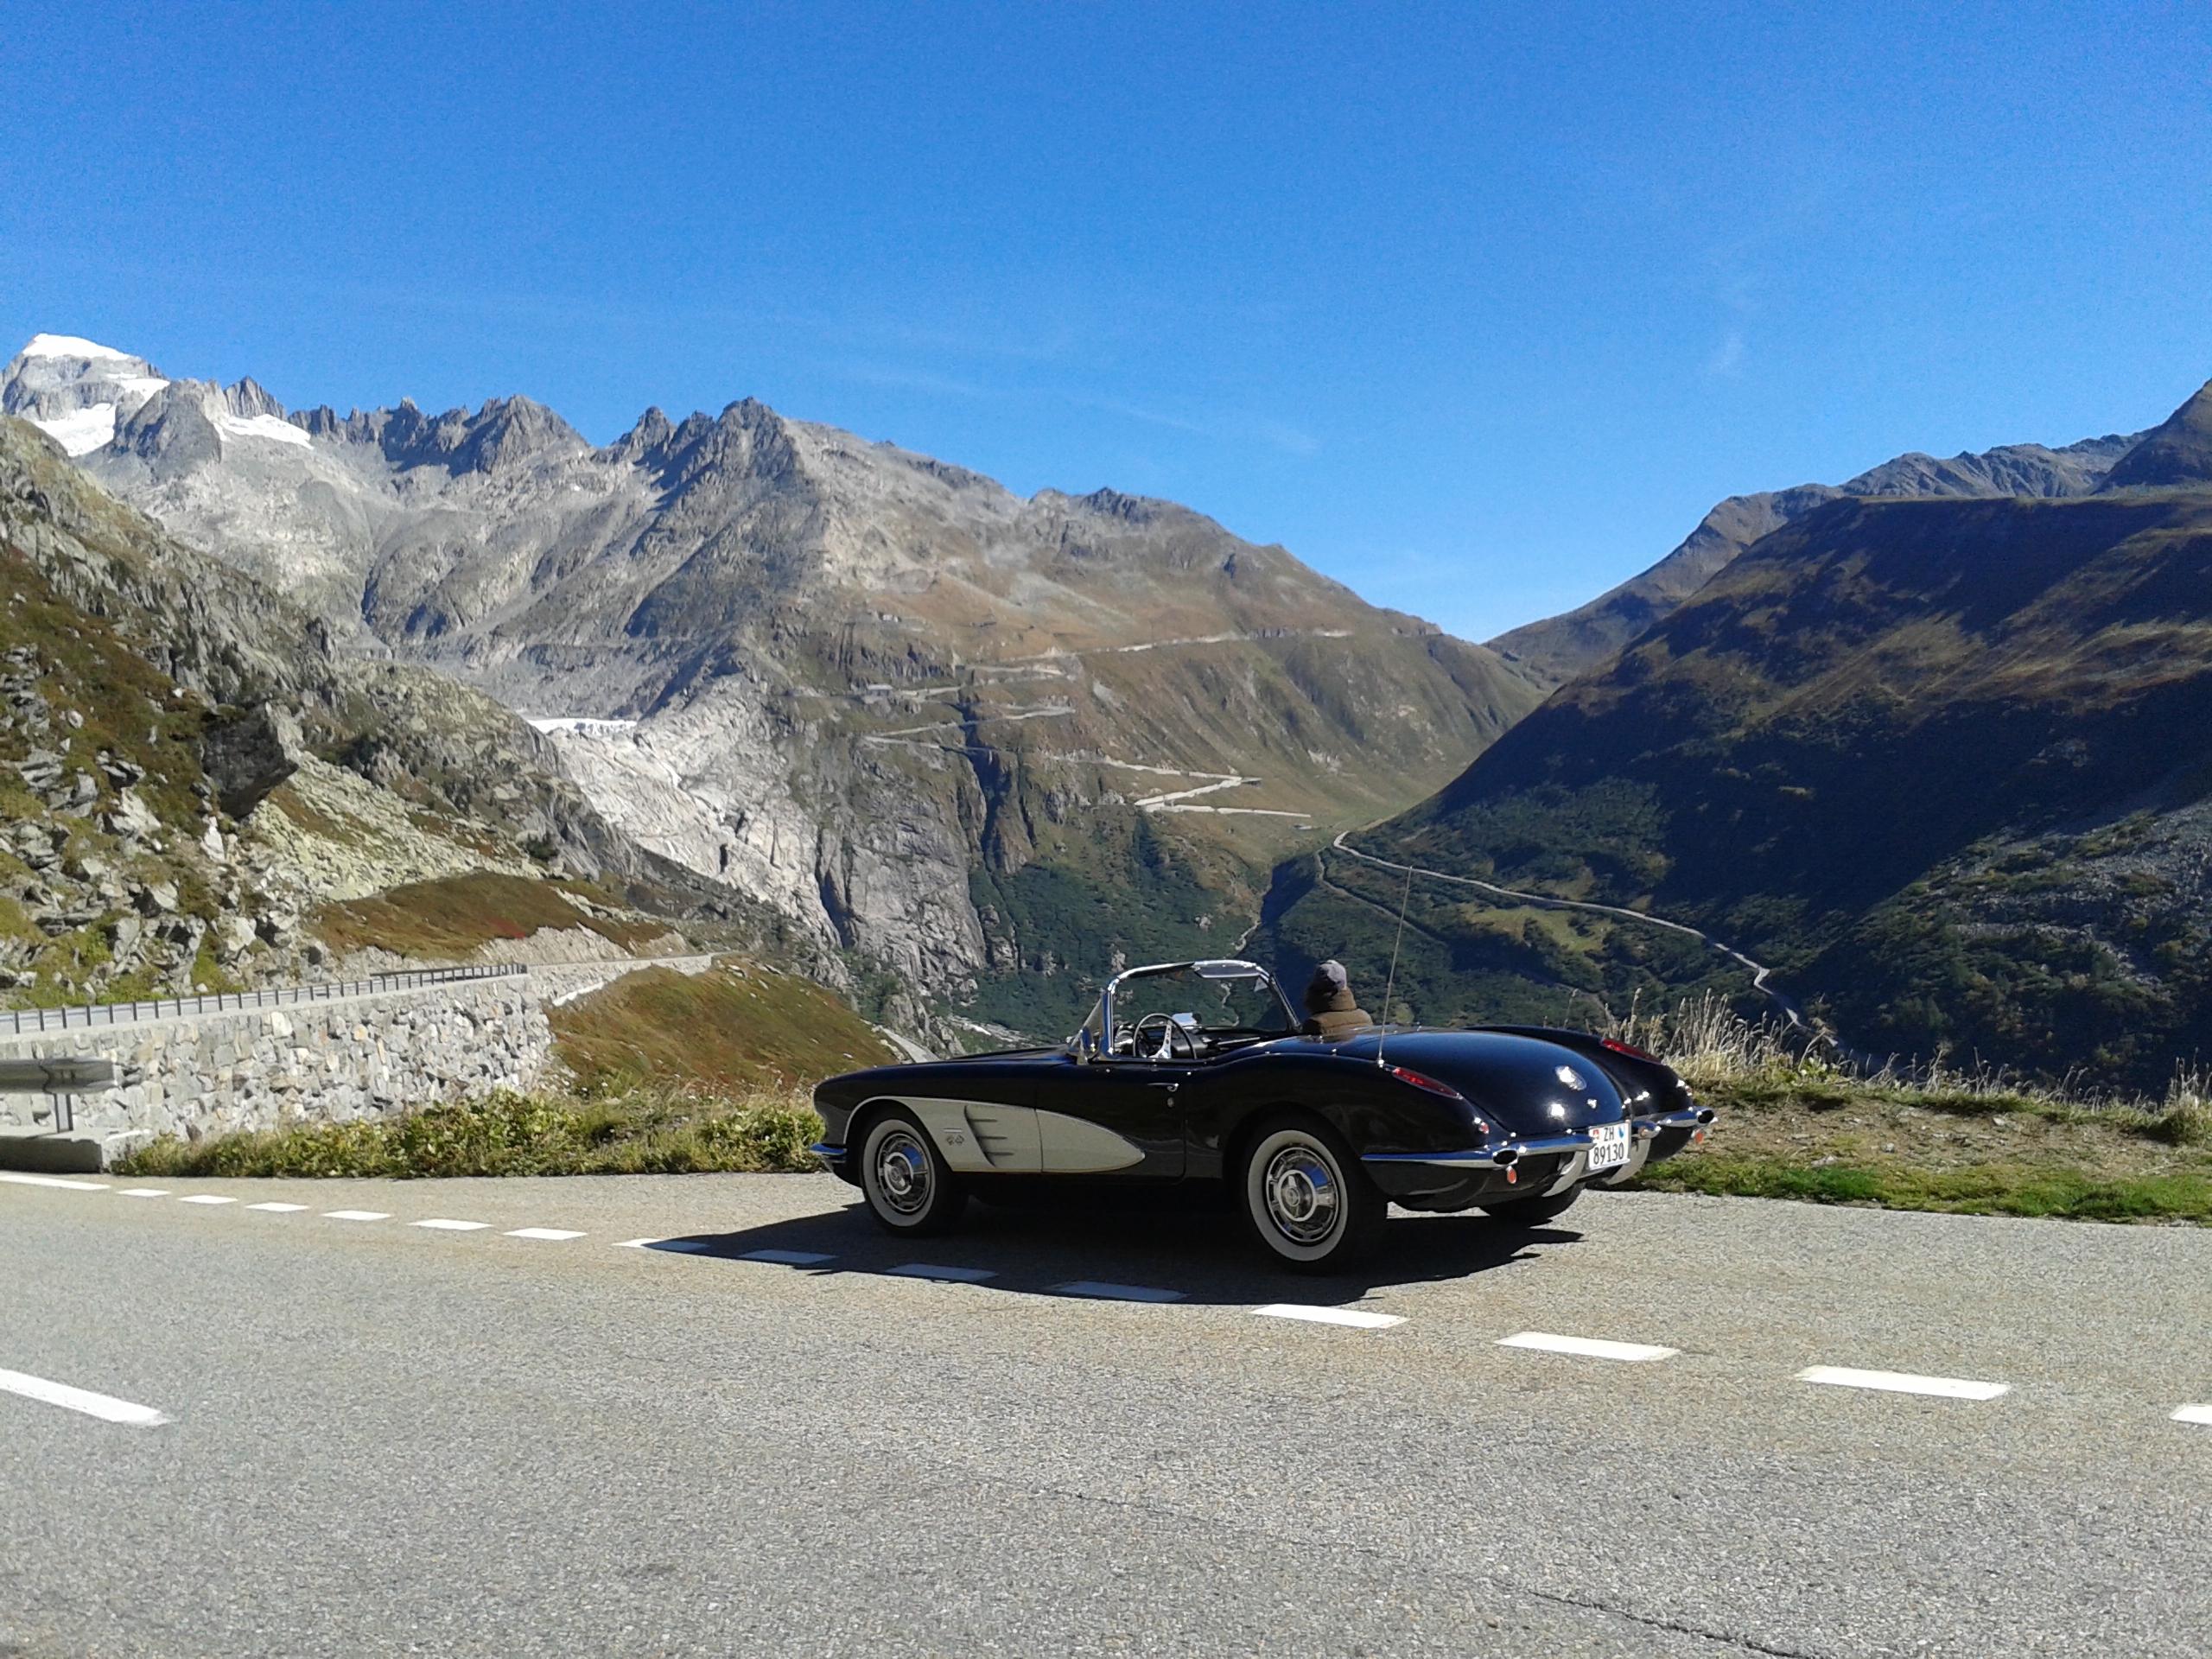 Classic Car Tour in Switzerland